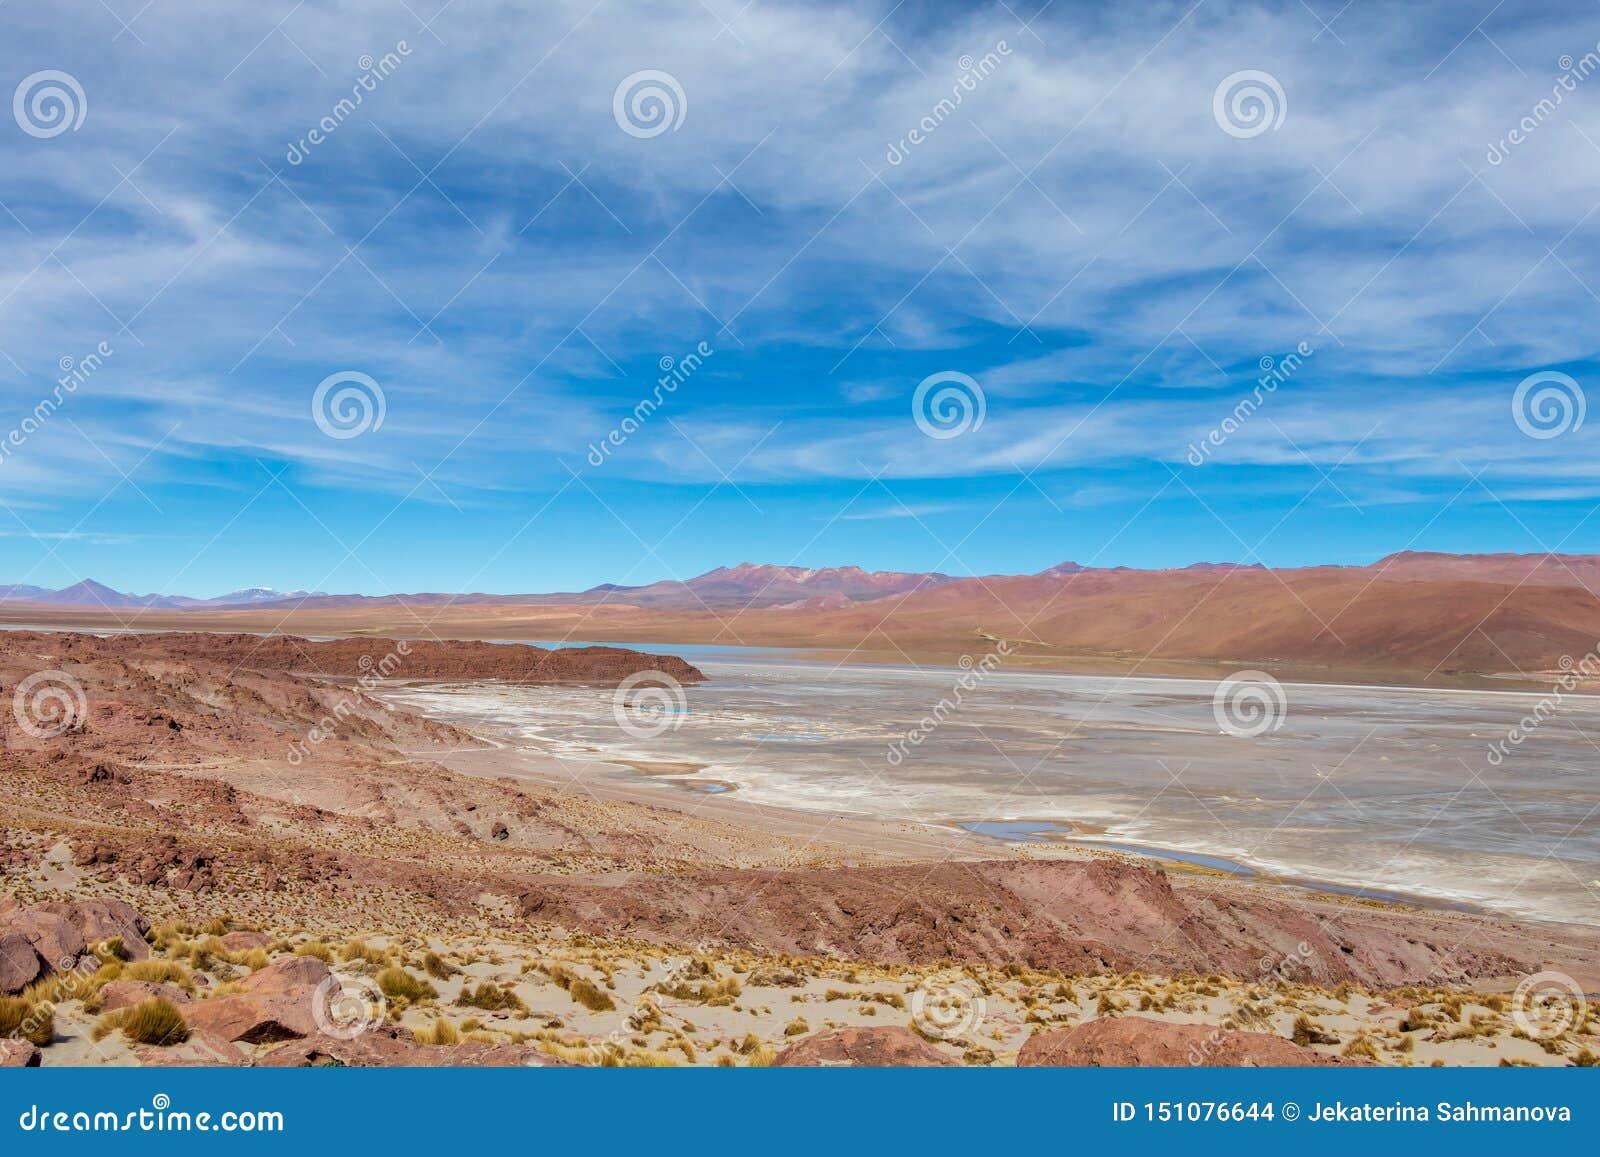 Fondo con paesaggio sterile del deserto nel boliviano le Ande, nella riserva naturale Edoardo Avaroa